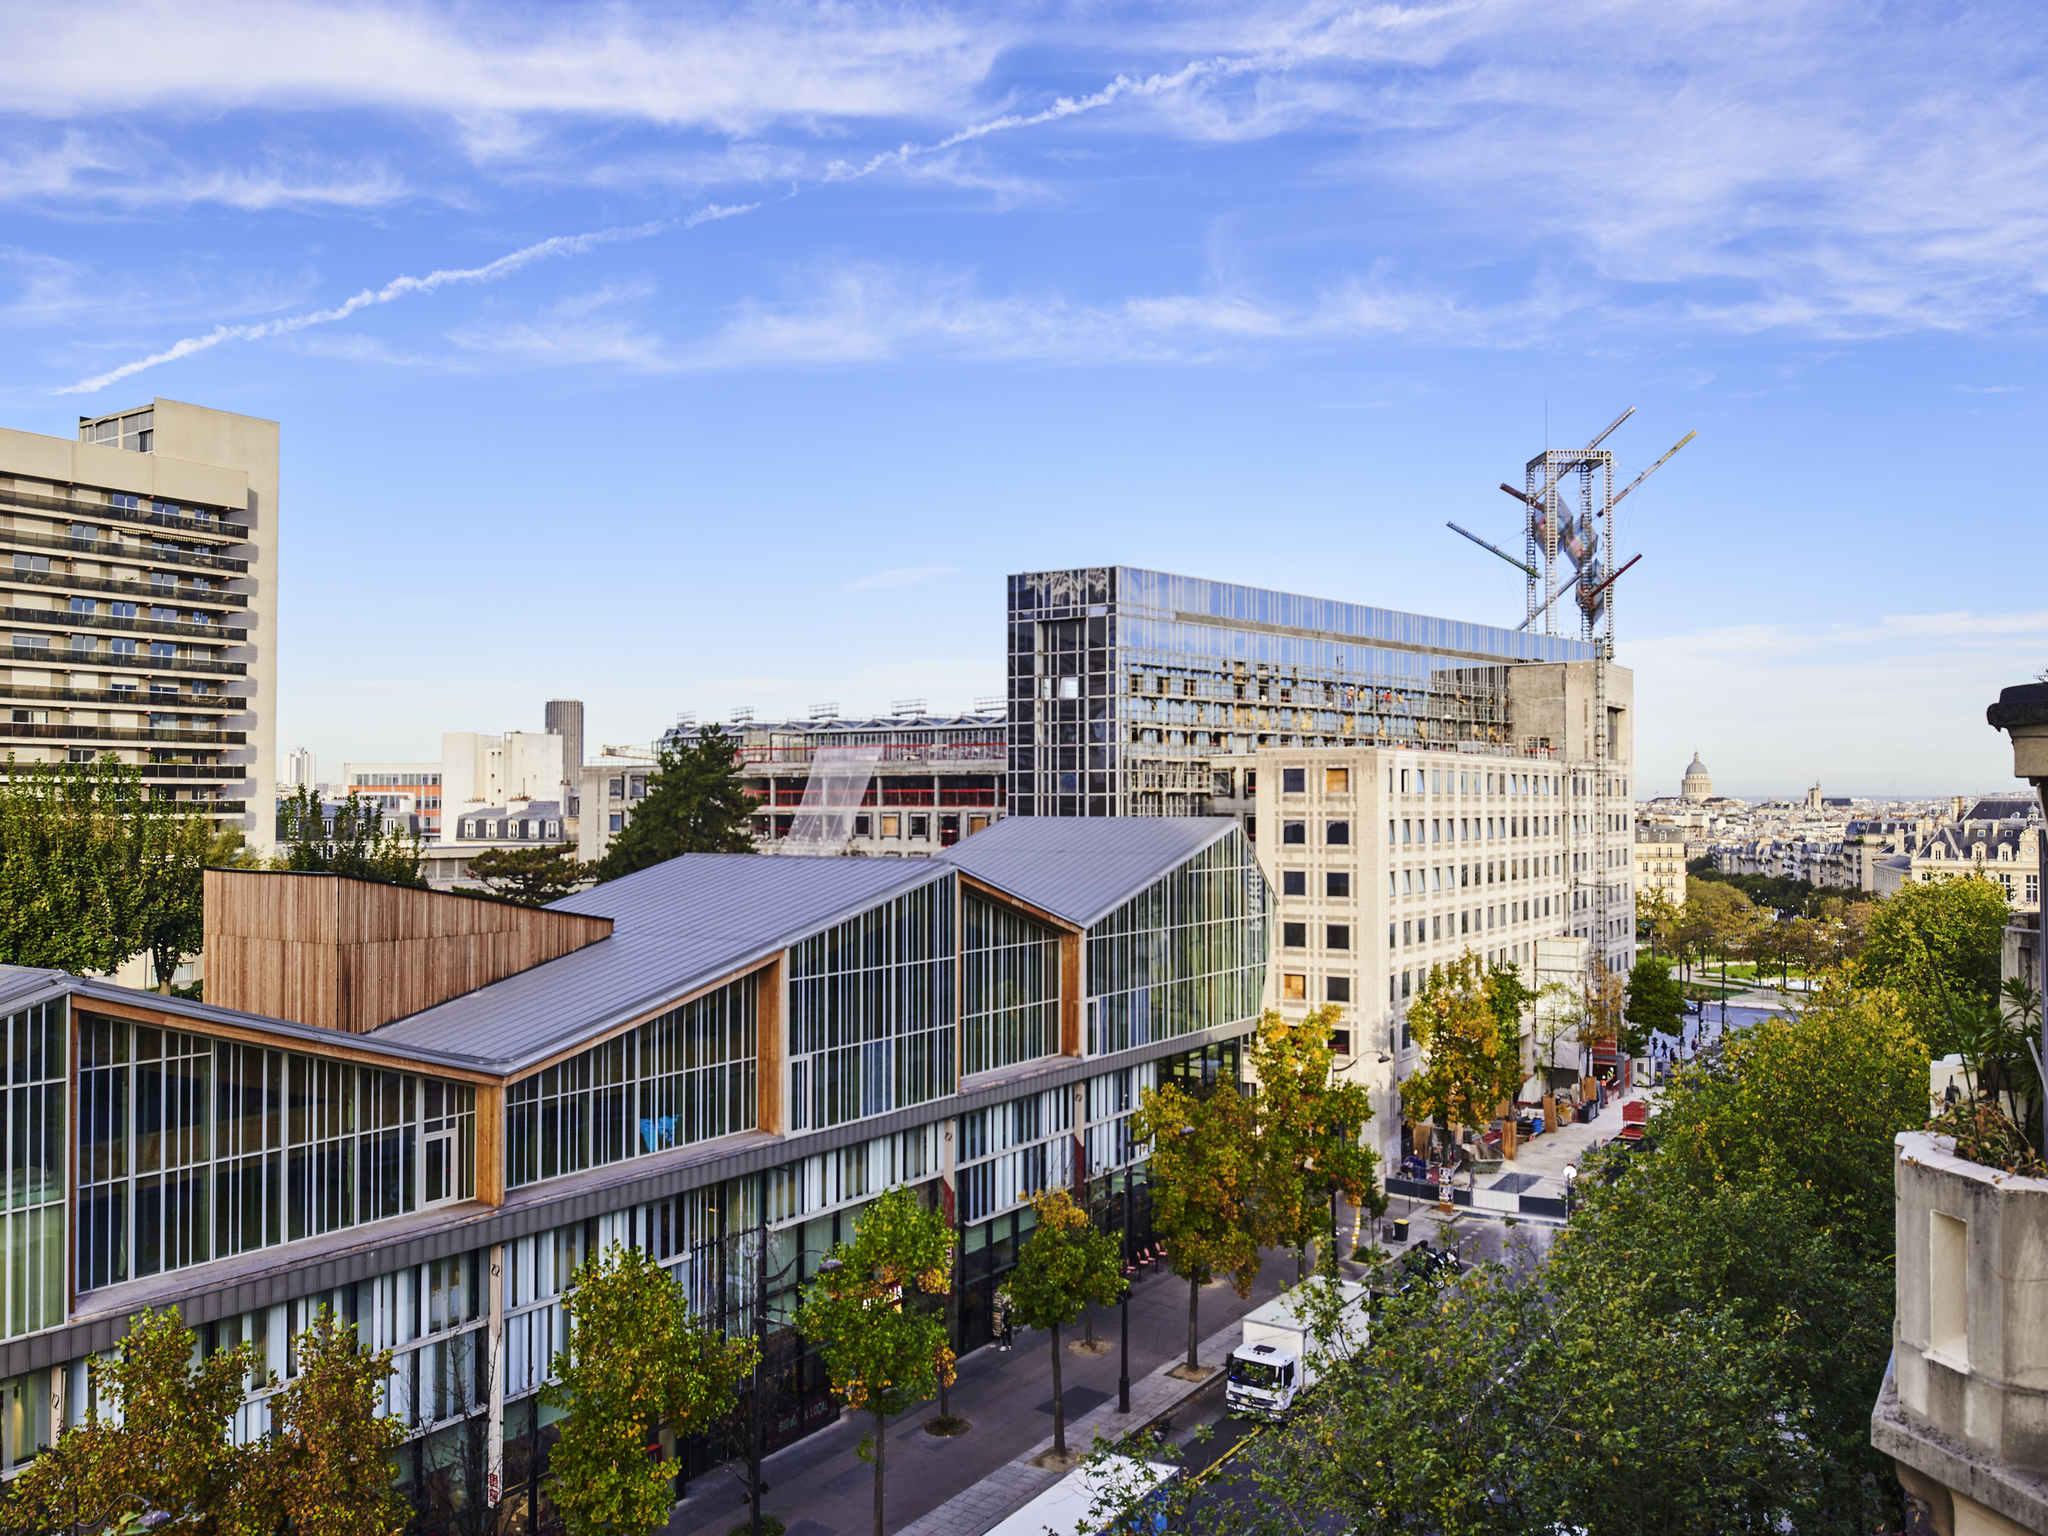 H tel paris ibis paris avenue d 39 italie 13 me - 13 avenue de la porte d italie ...